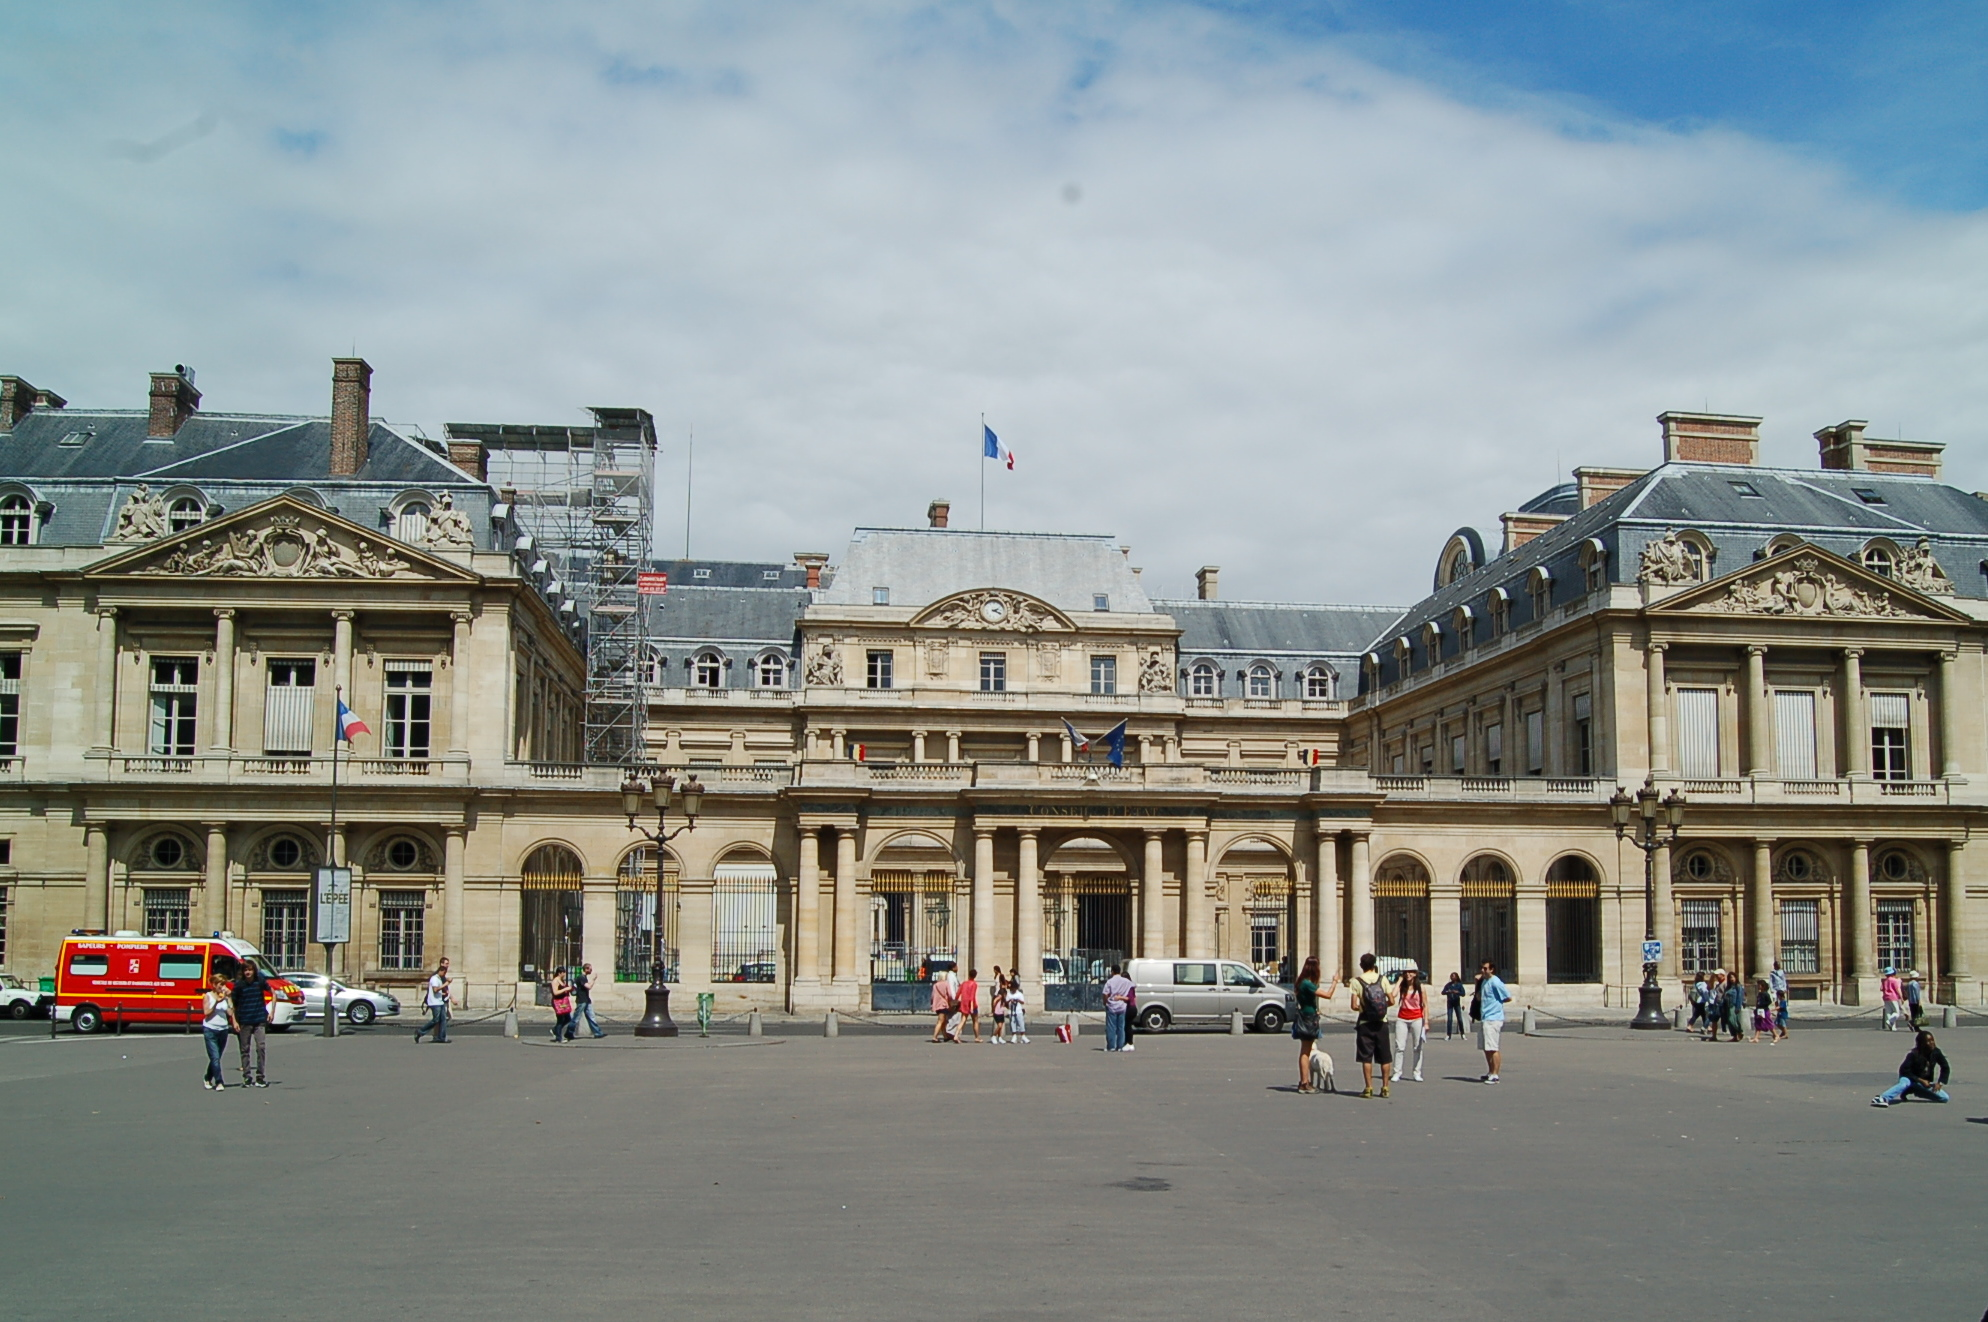 Palais royal clothing store